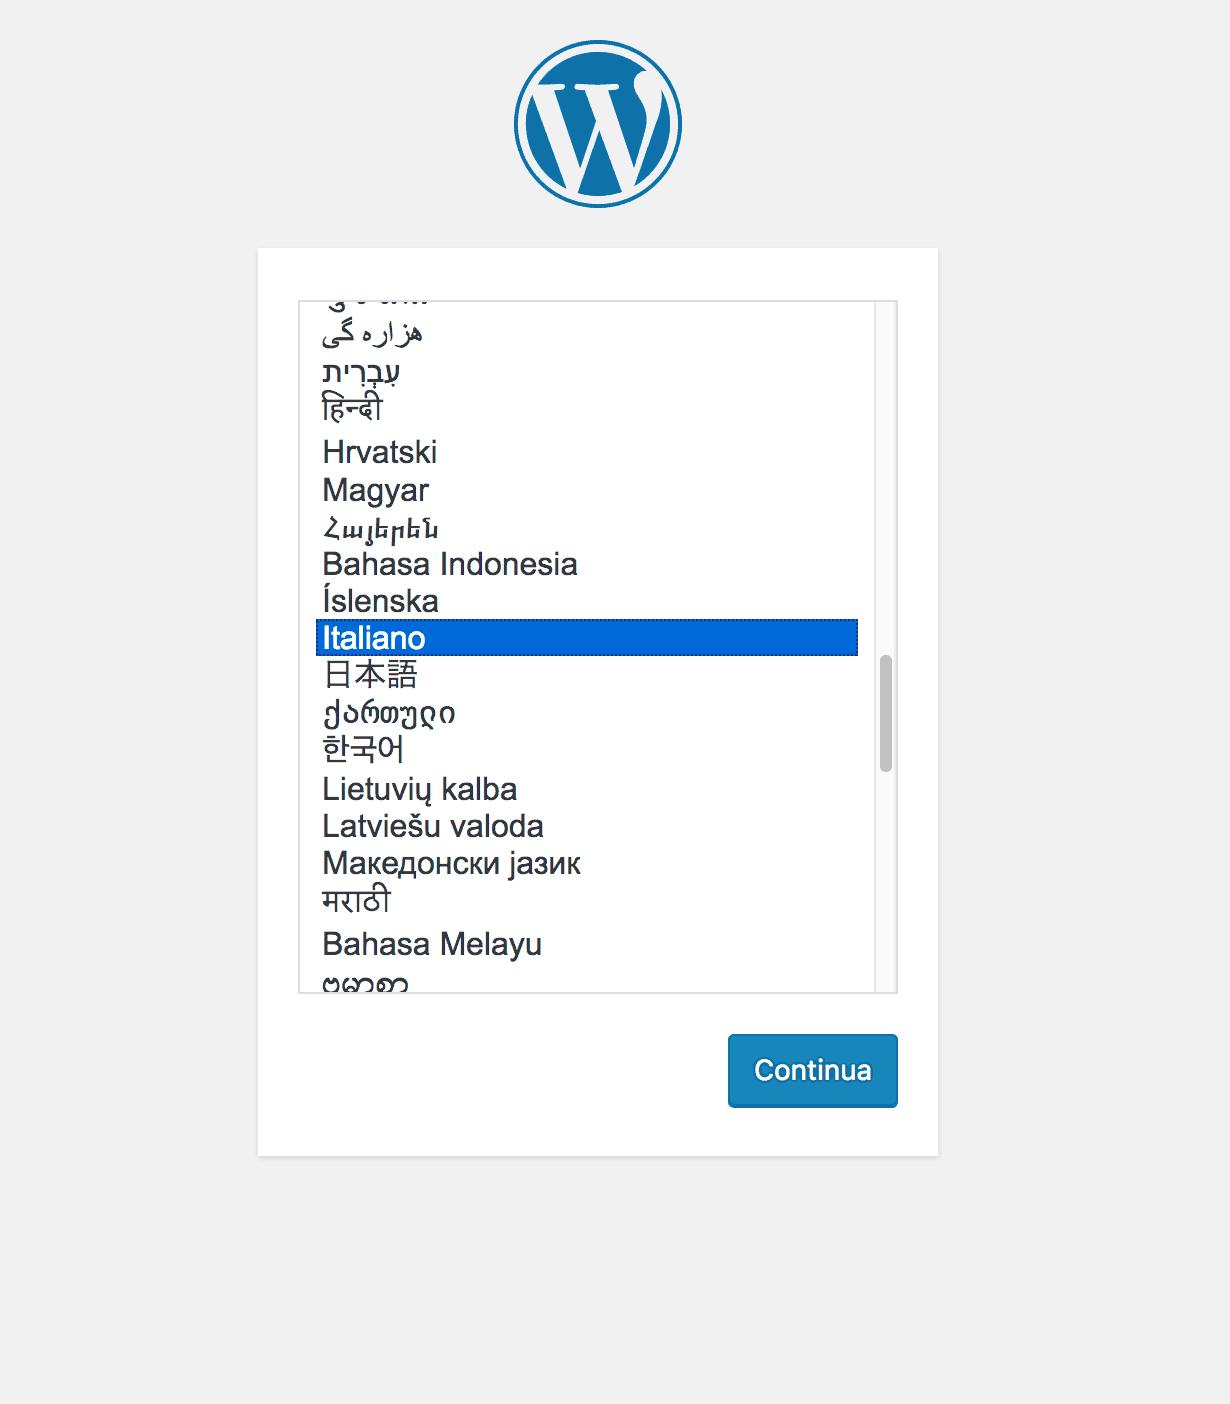 come installare wordpress su aruba cloud